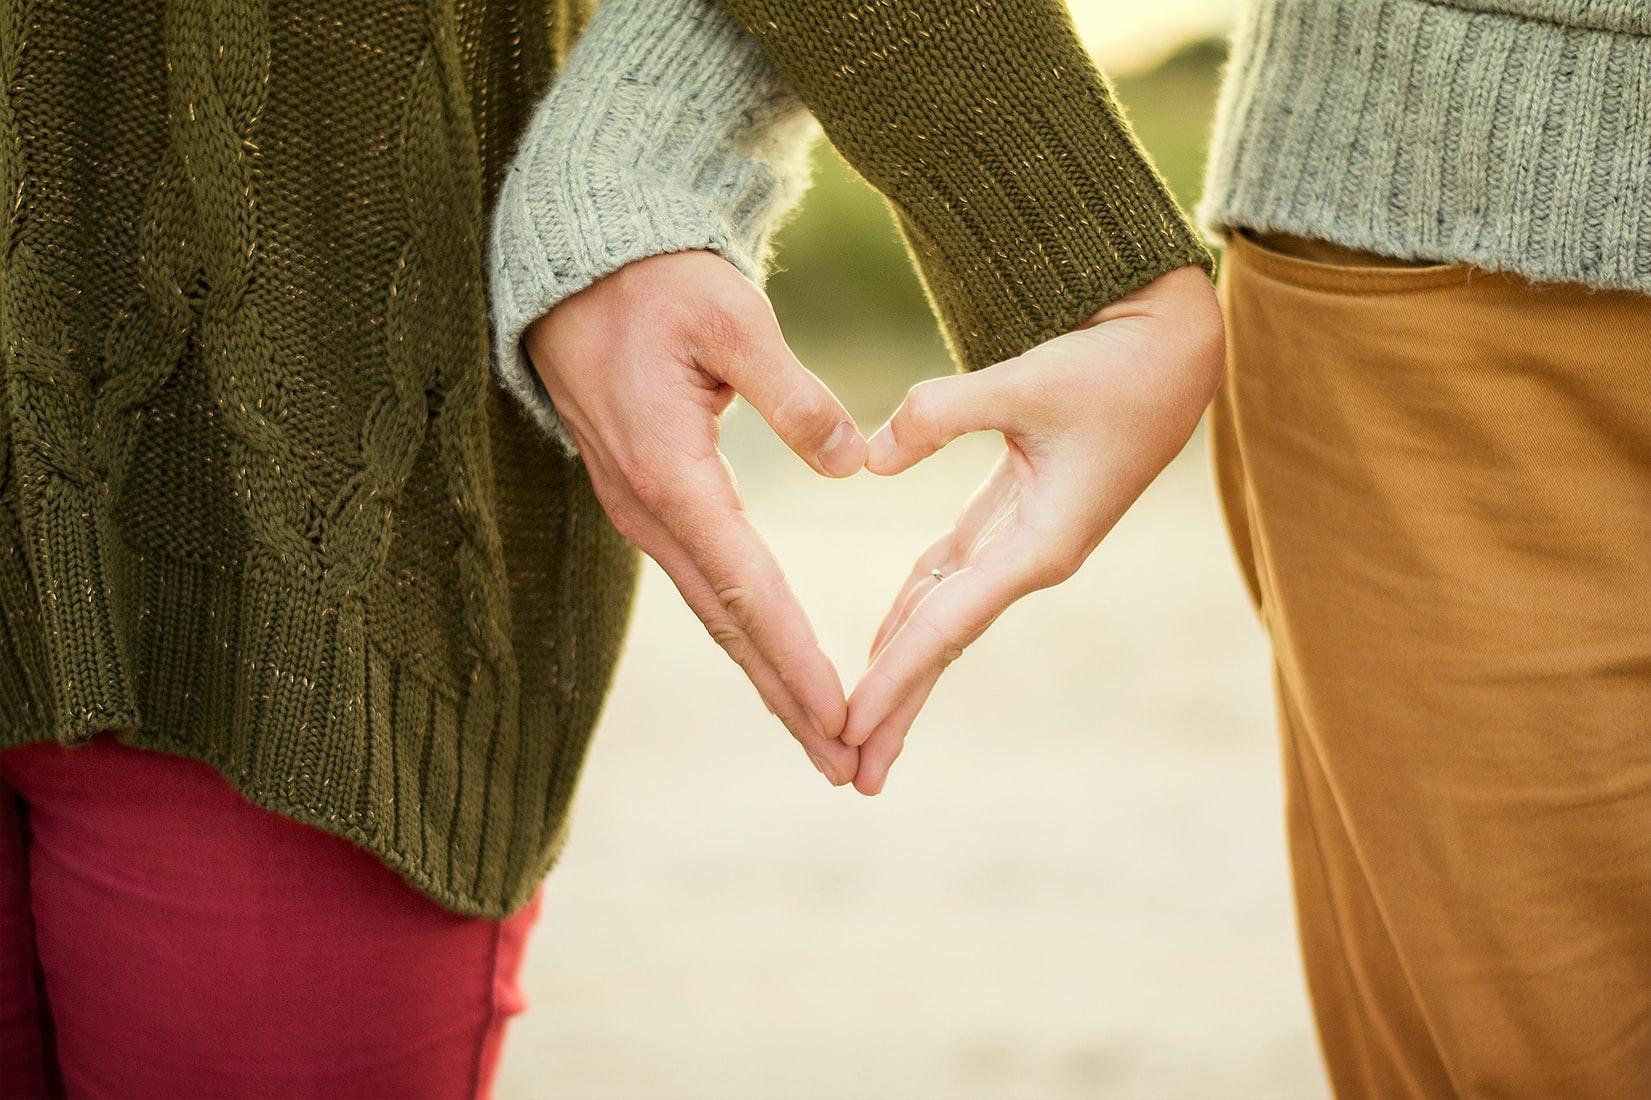 【恋愛女子必見】片想いでも恋愛をすると色んな影響があるって知ってた?